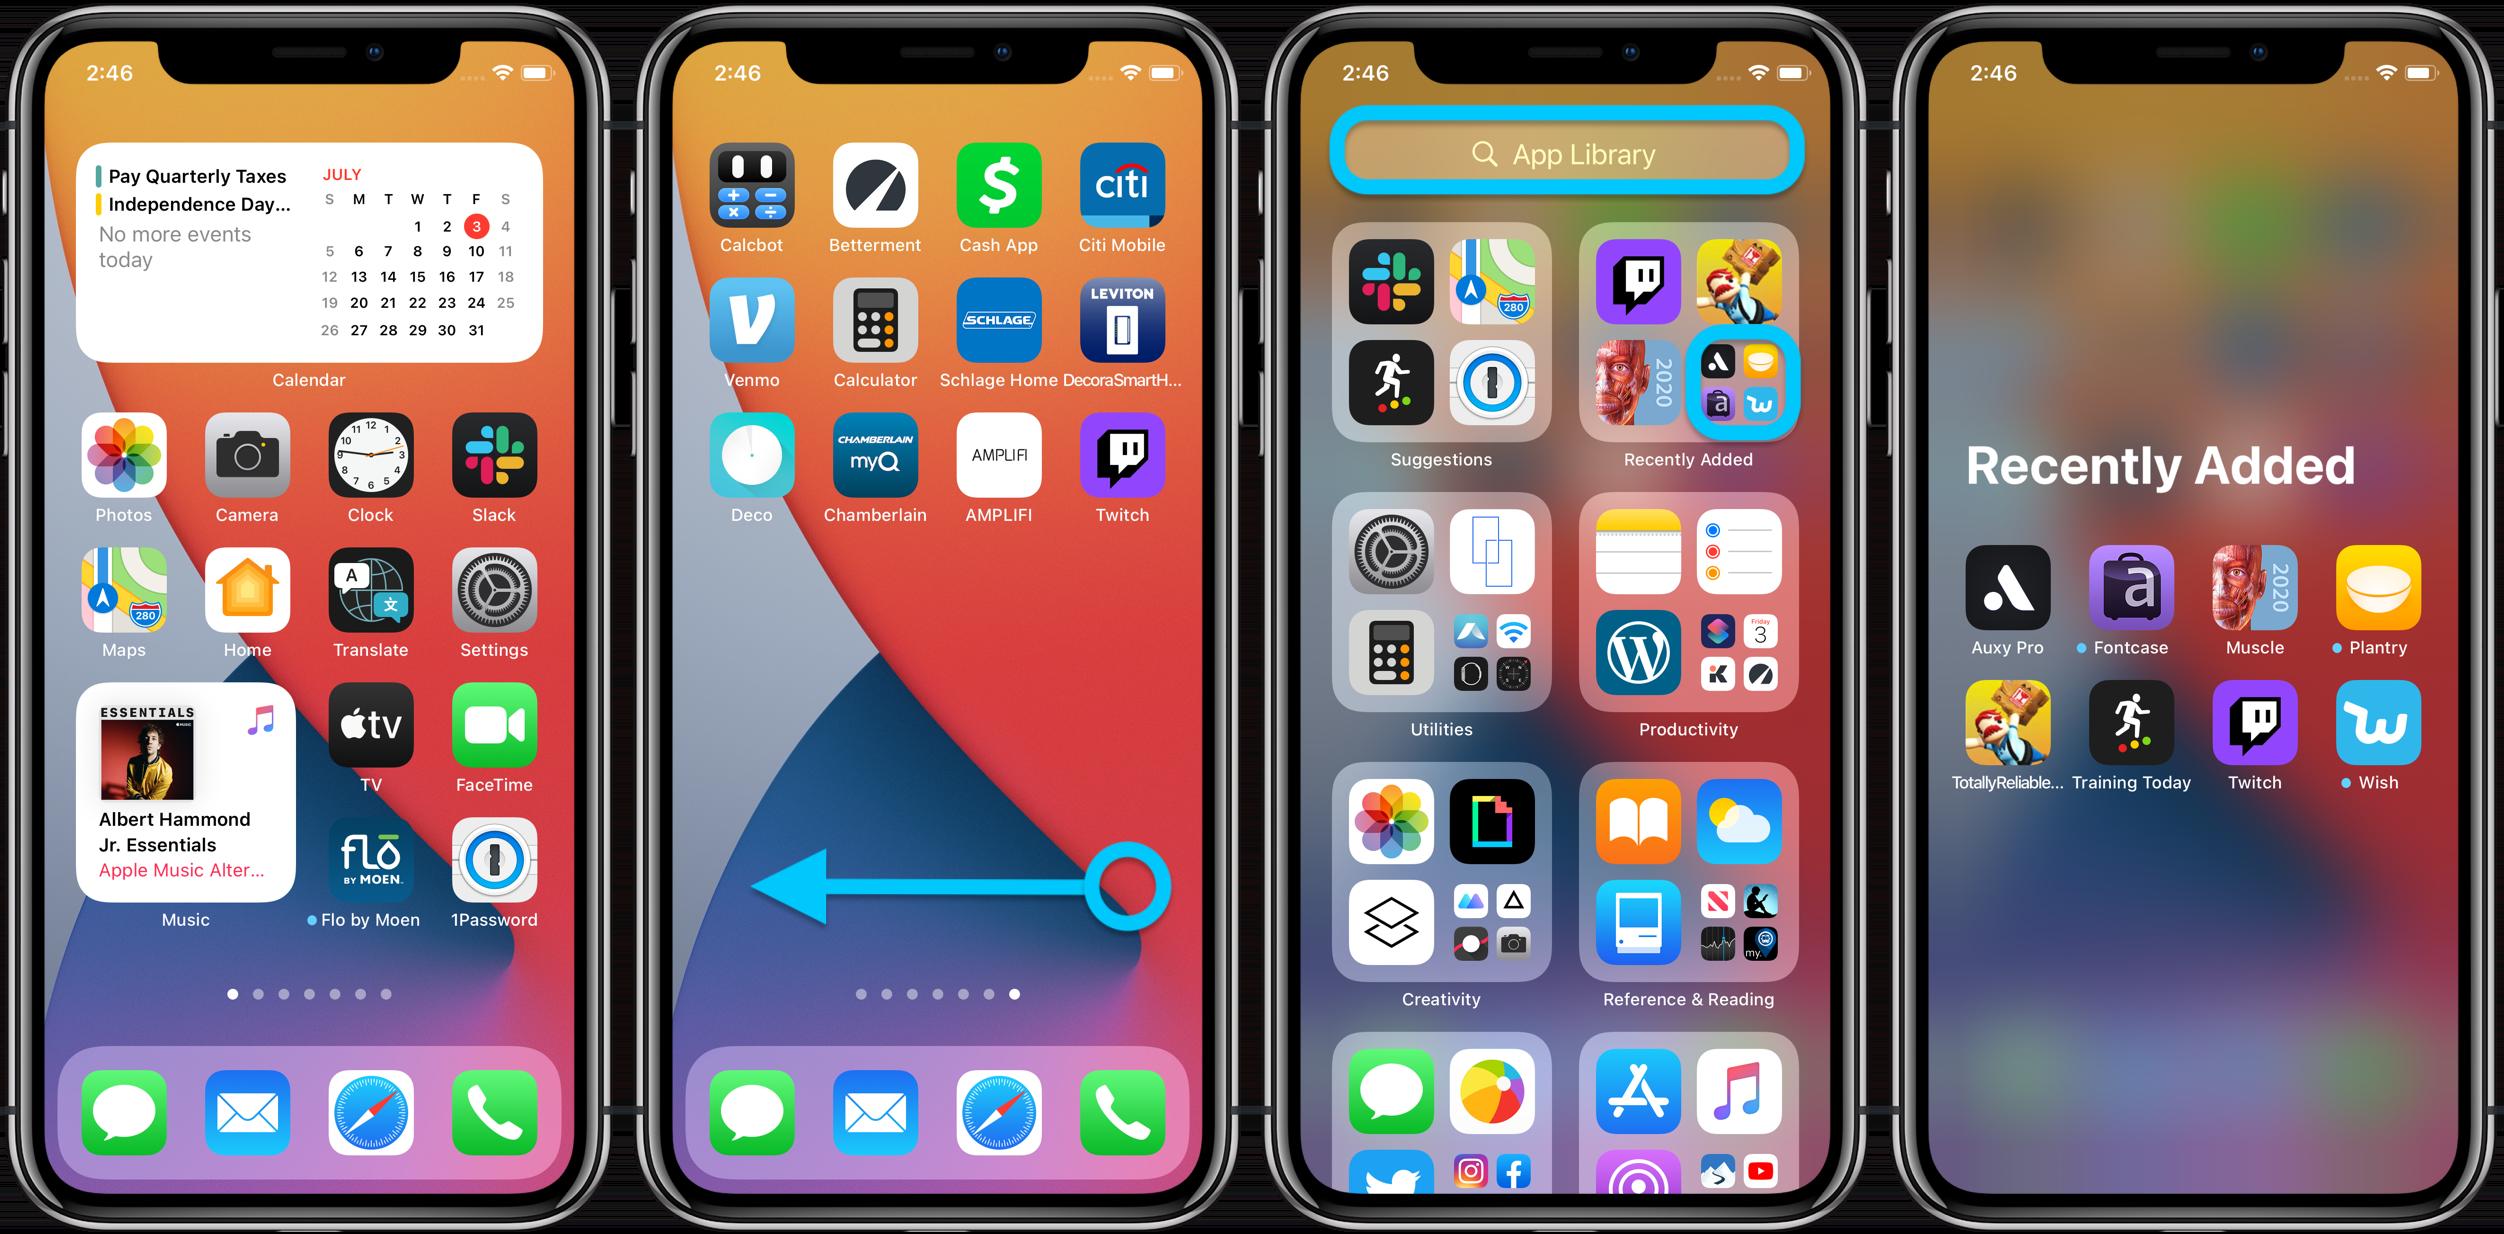 Как использовать библиотеку приложений для iPhone iOS 14, пошаговое руководство 1